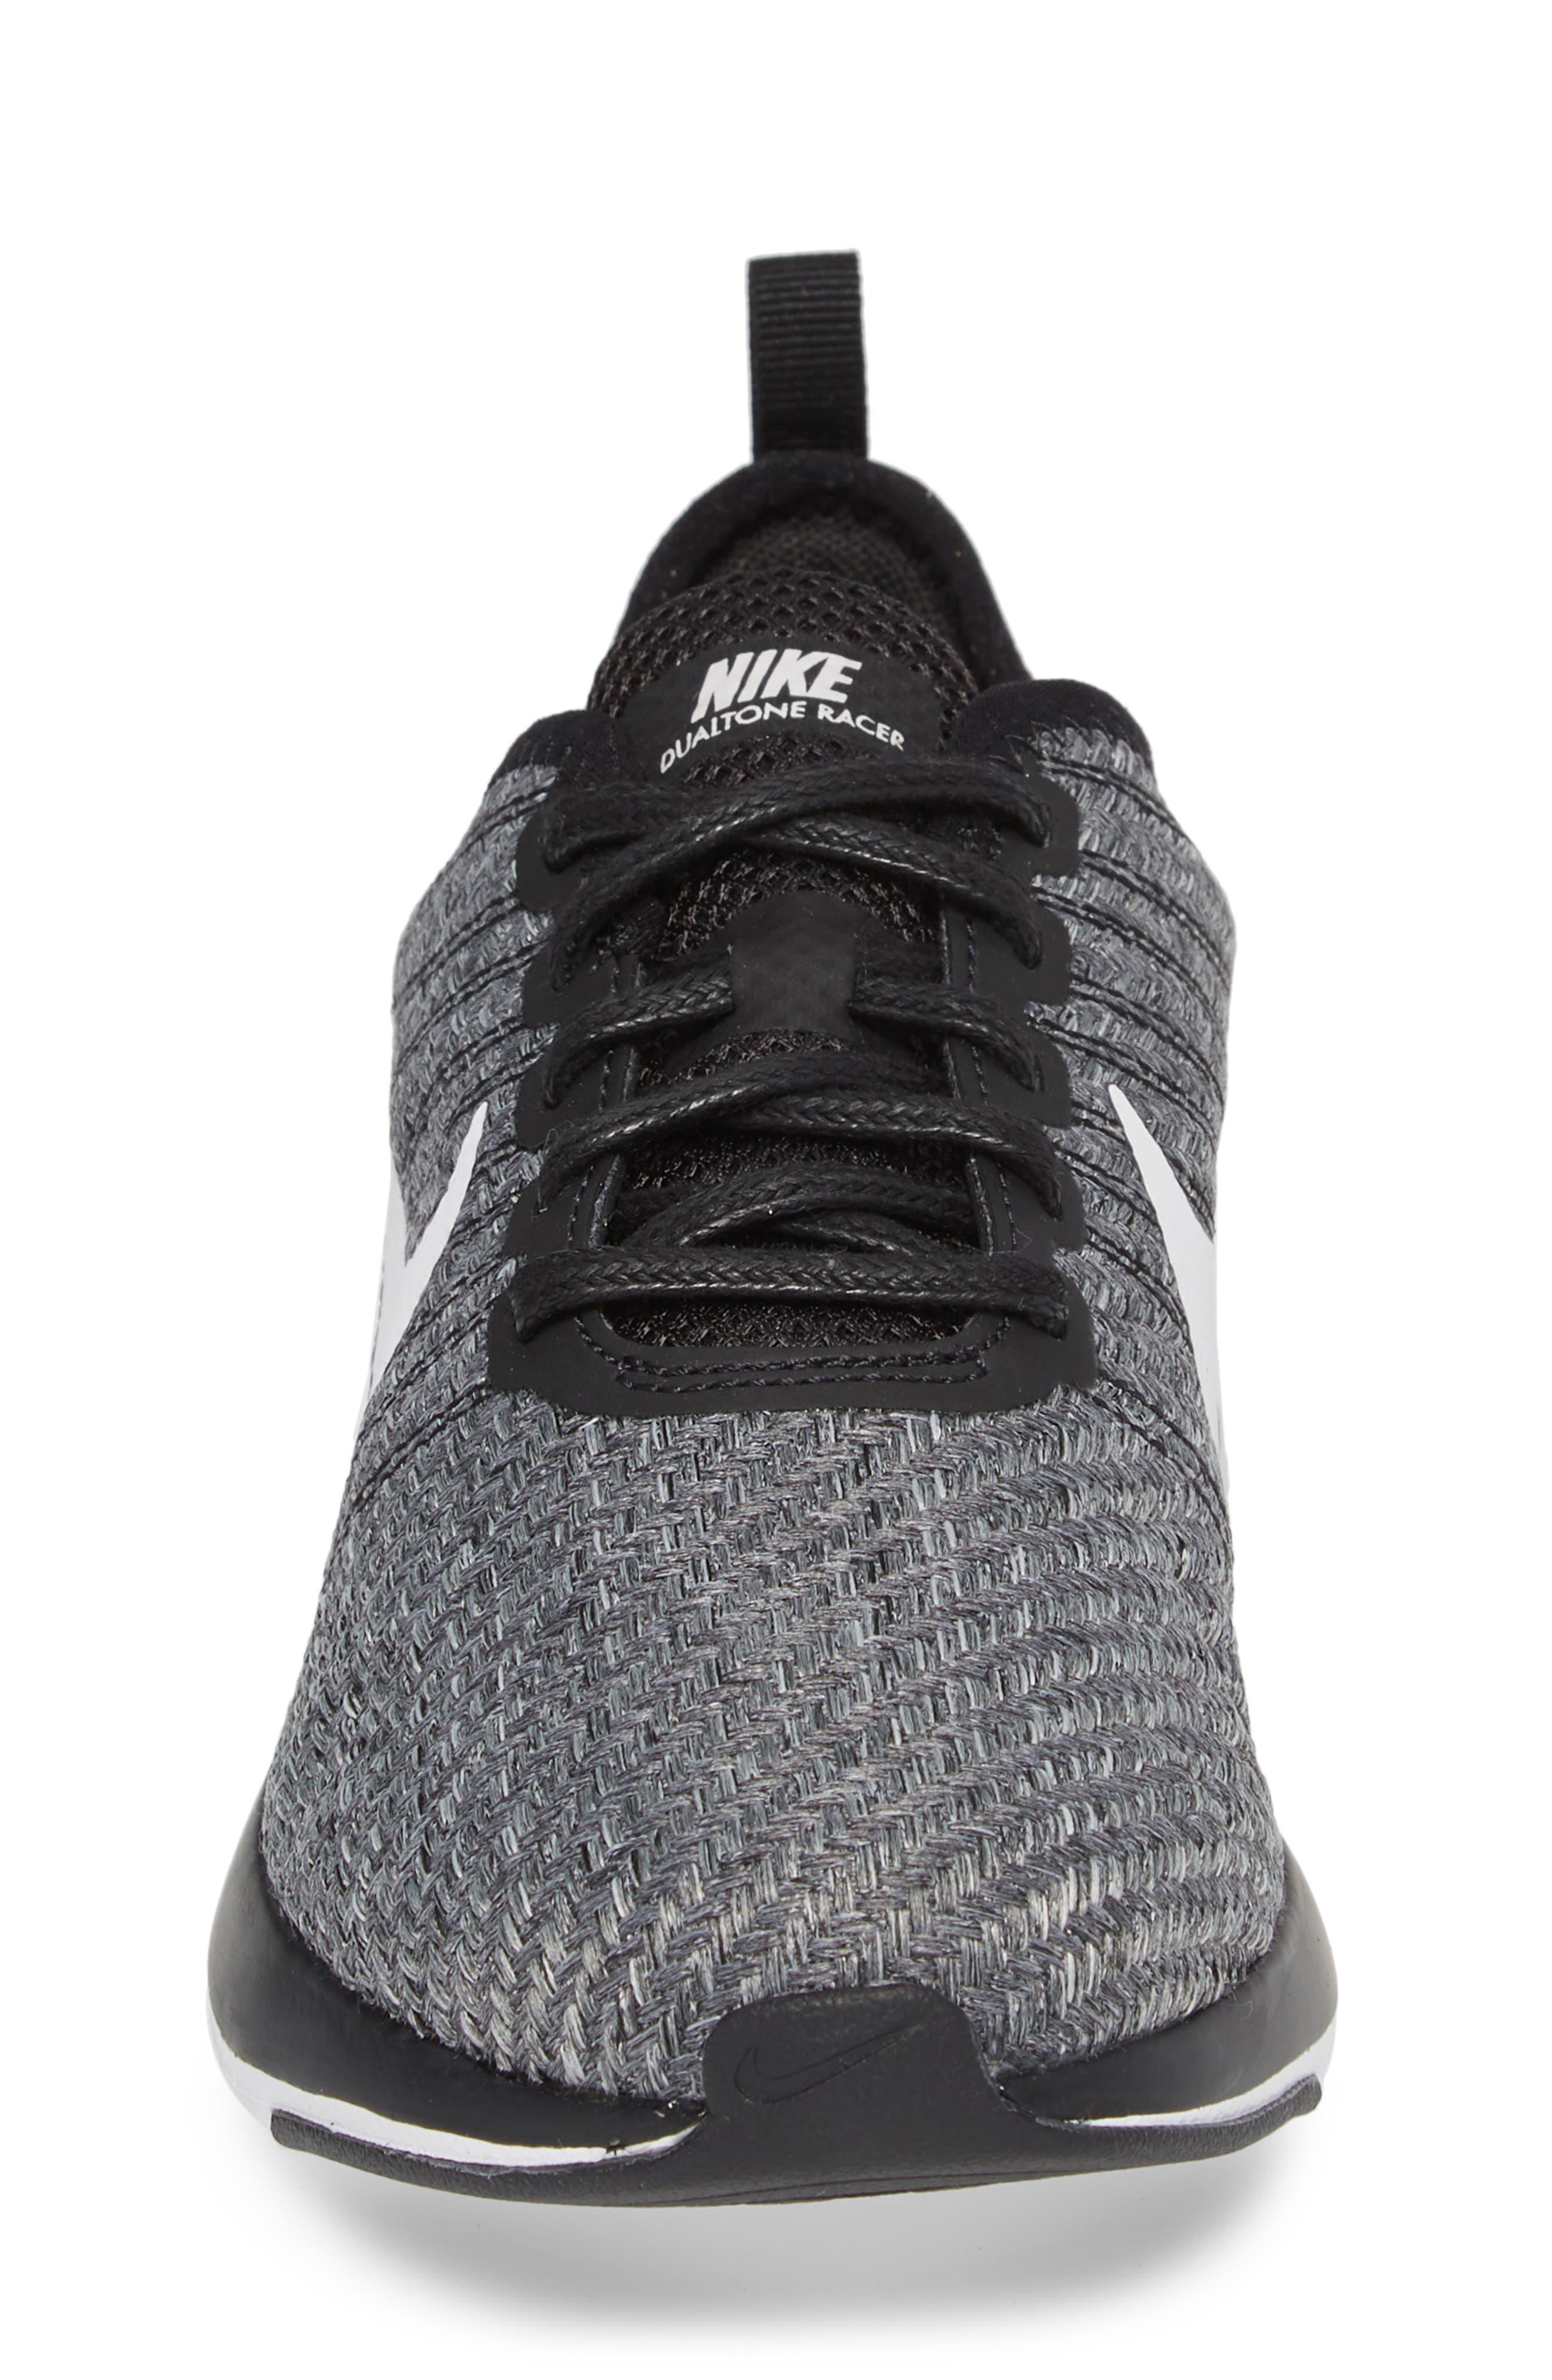 Dualtone Racer SE Sneaker,                             Alternate thumbnail 4, color,                             Black/ Vast Grey/ White